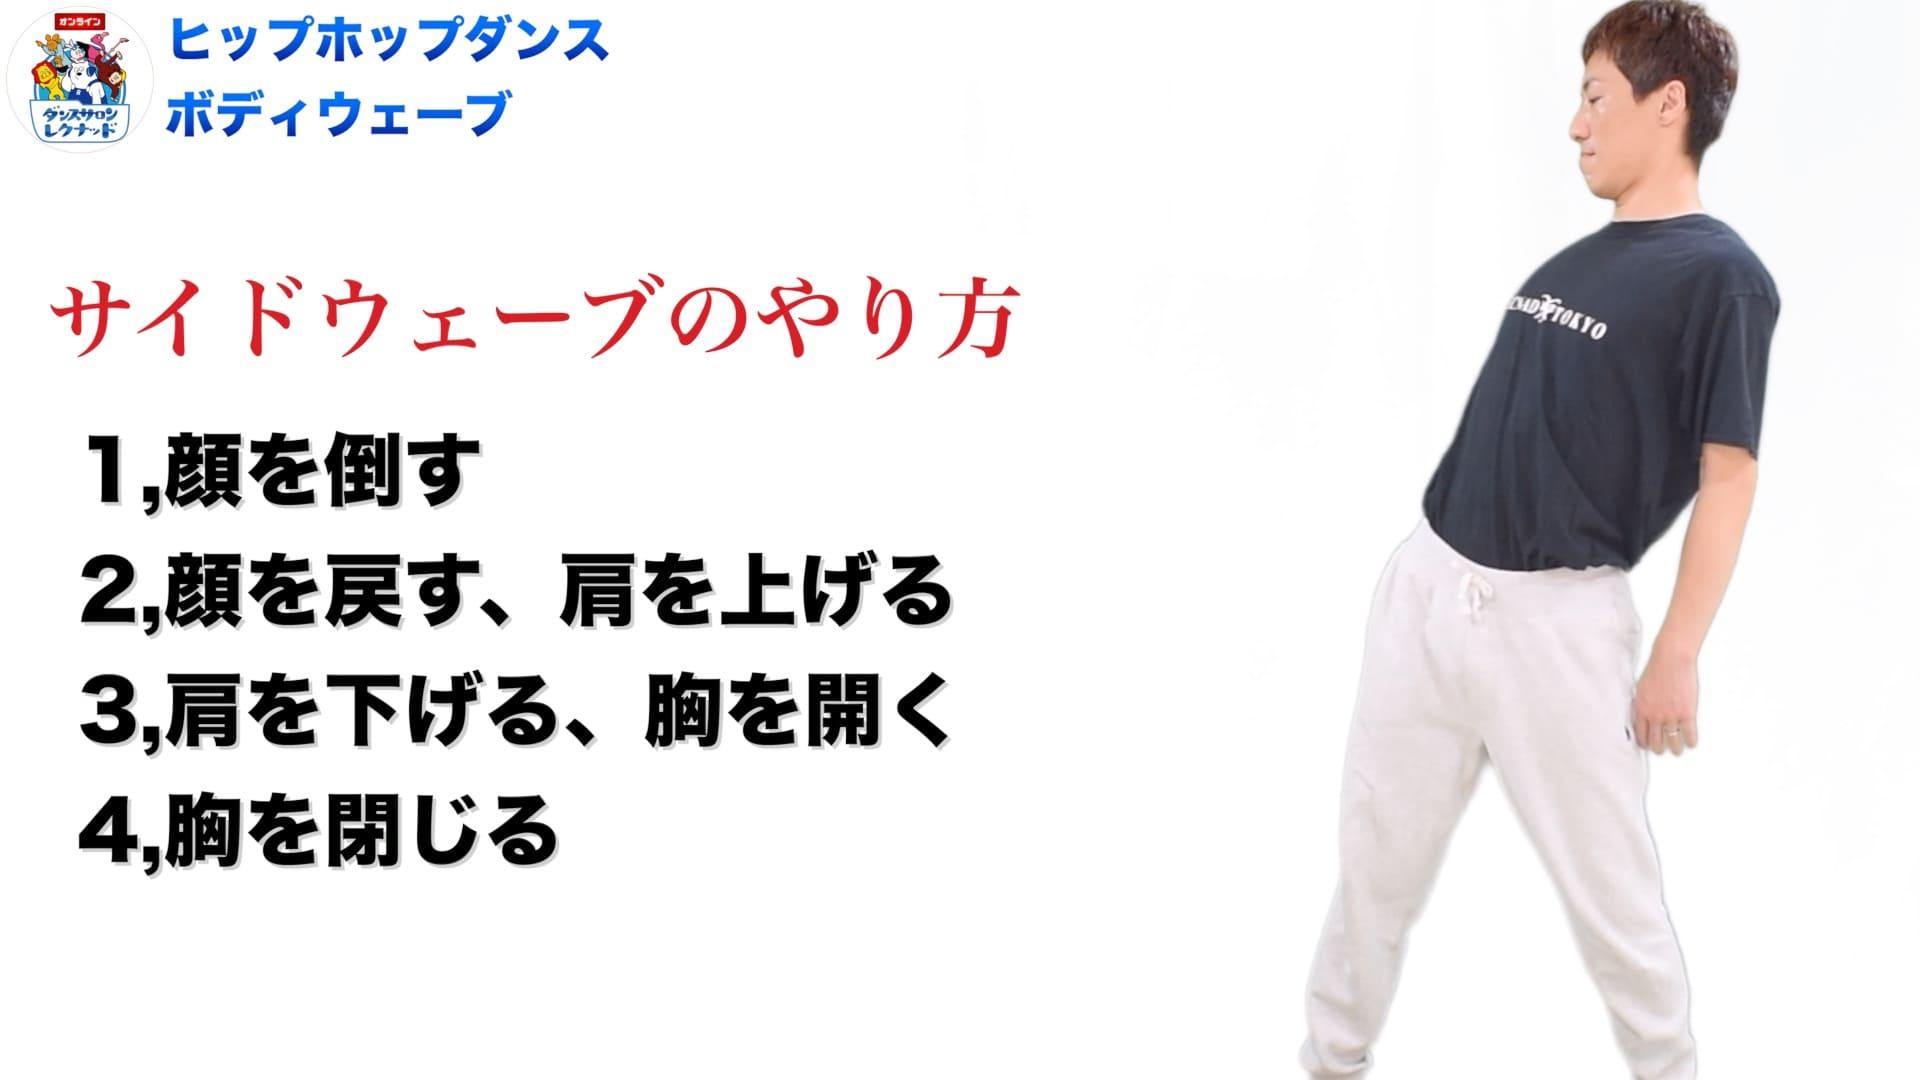 【 ダンスの教科書 】プロが指導 ボディウェーブ サイドウェーブ 4種類